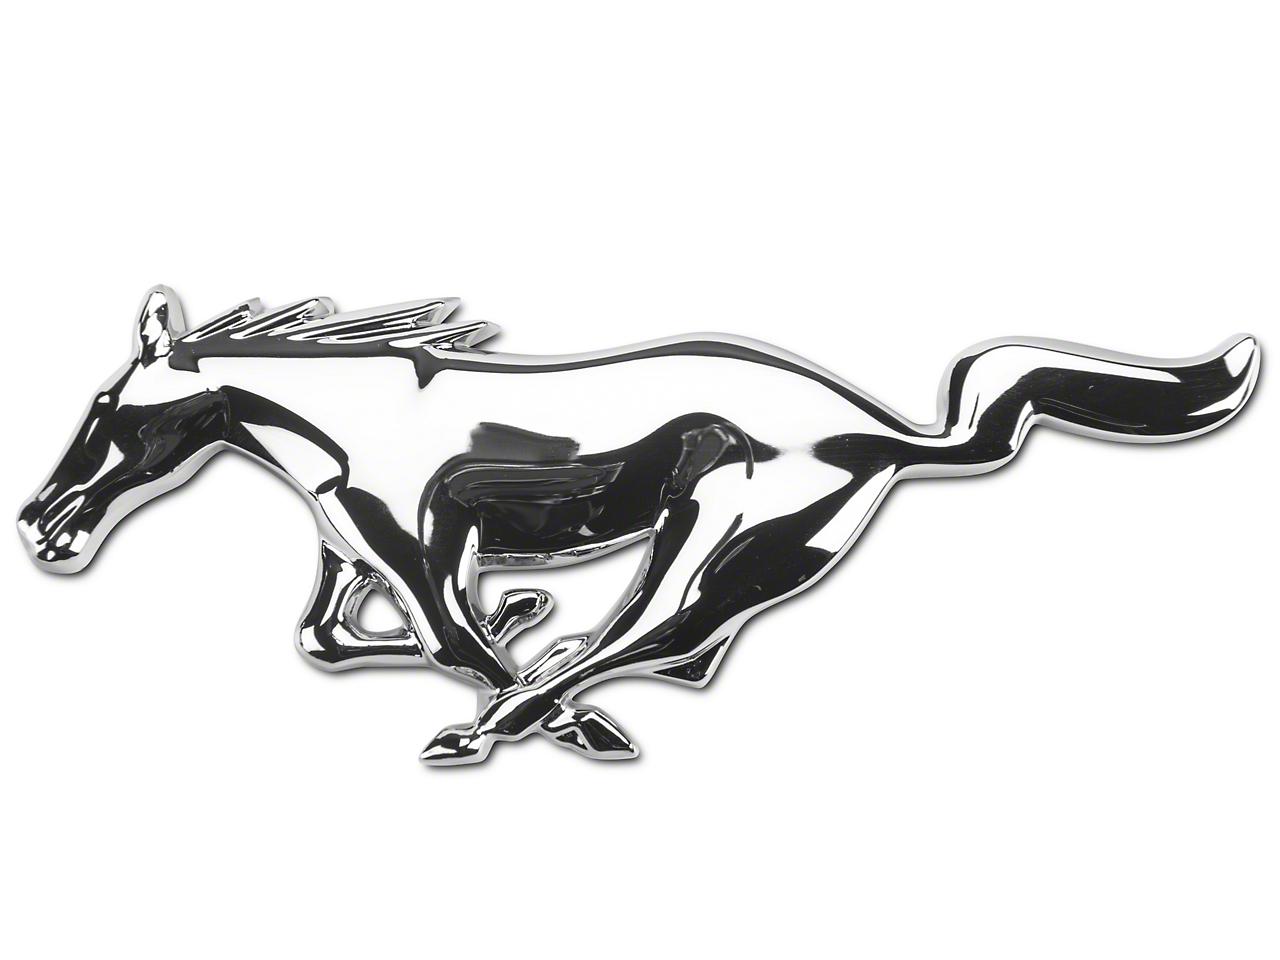 Ford Running Pony Grille Emblem (05-09 GT, V6)